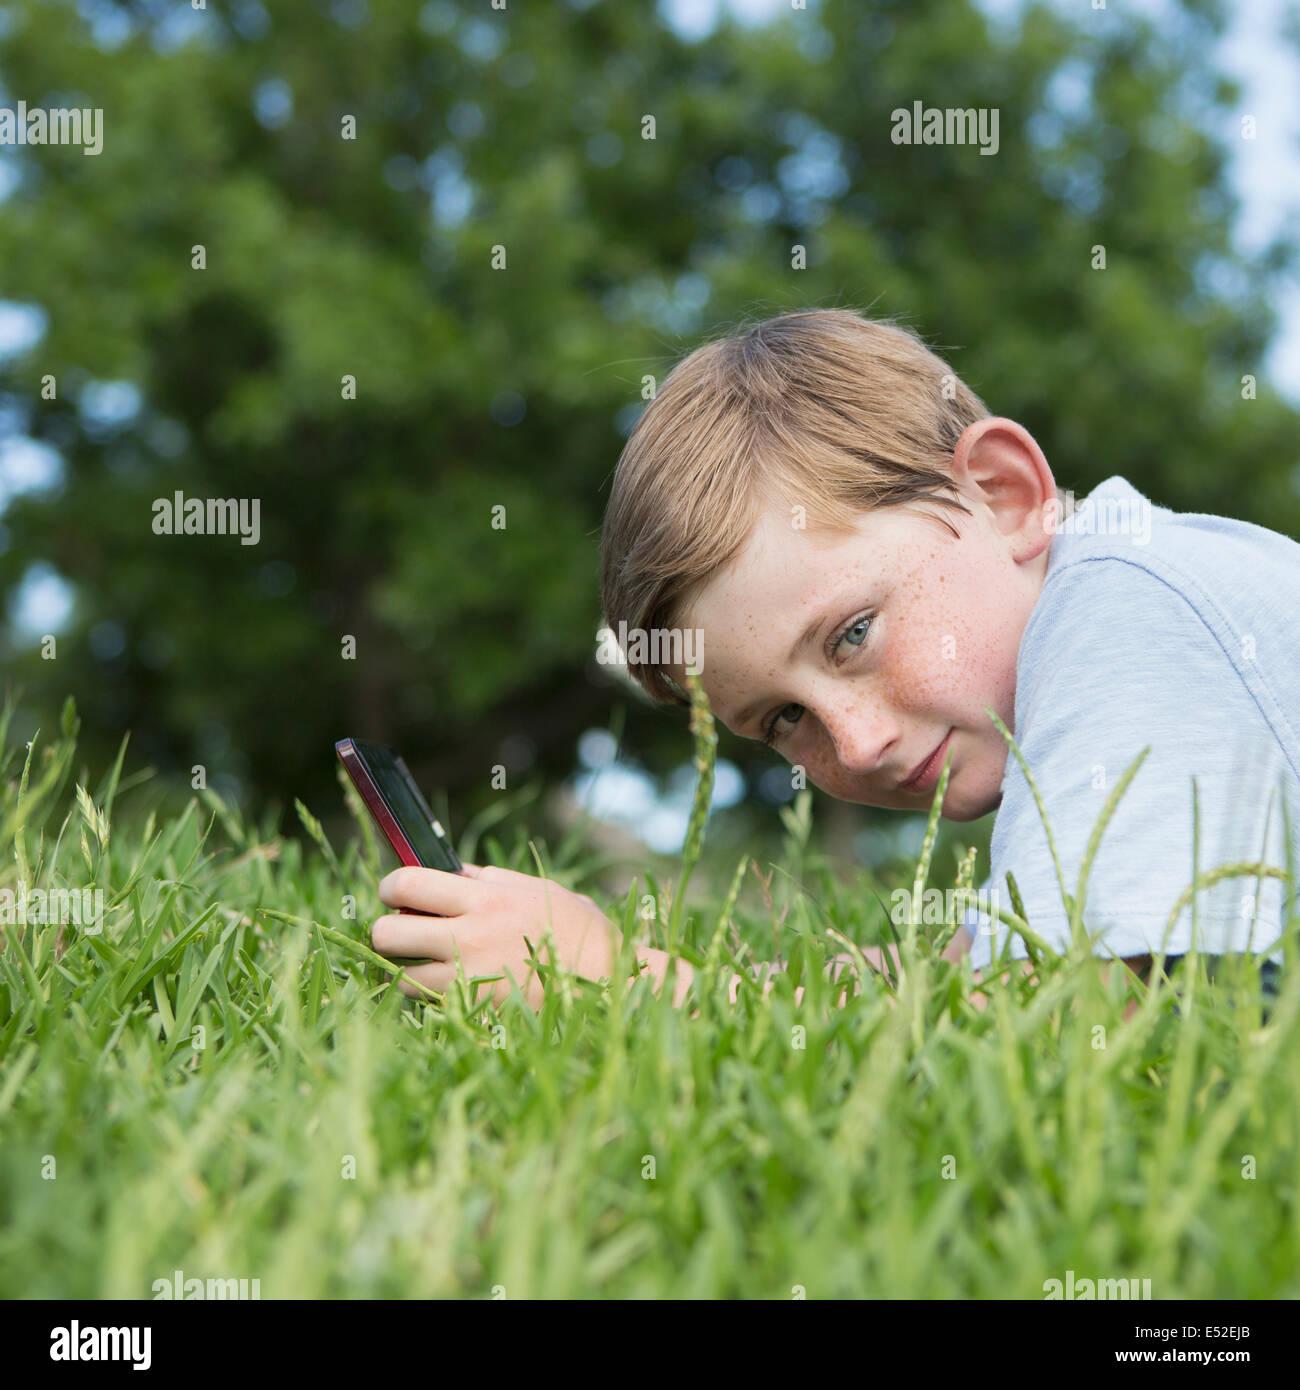 Ein kleiner Junge sitzt auf dem Rasen mit einer Hand gehalten elektronische Spiele Gerät. Stockbild